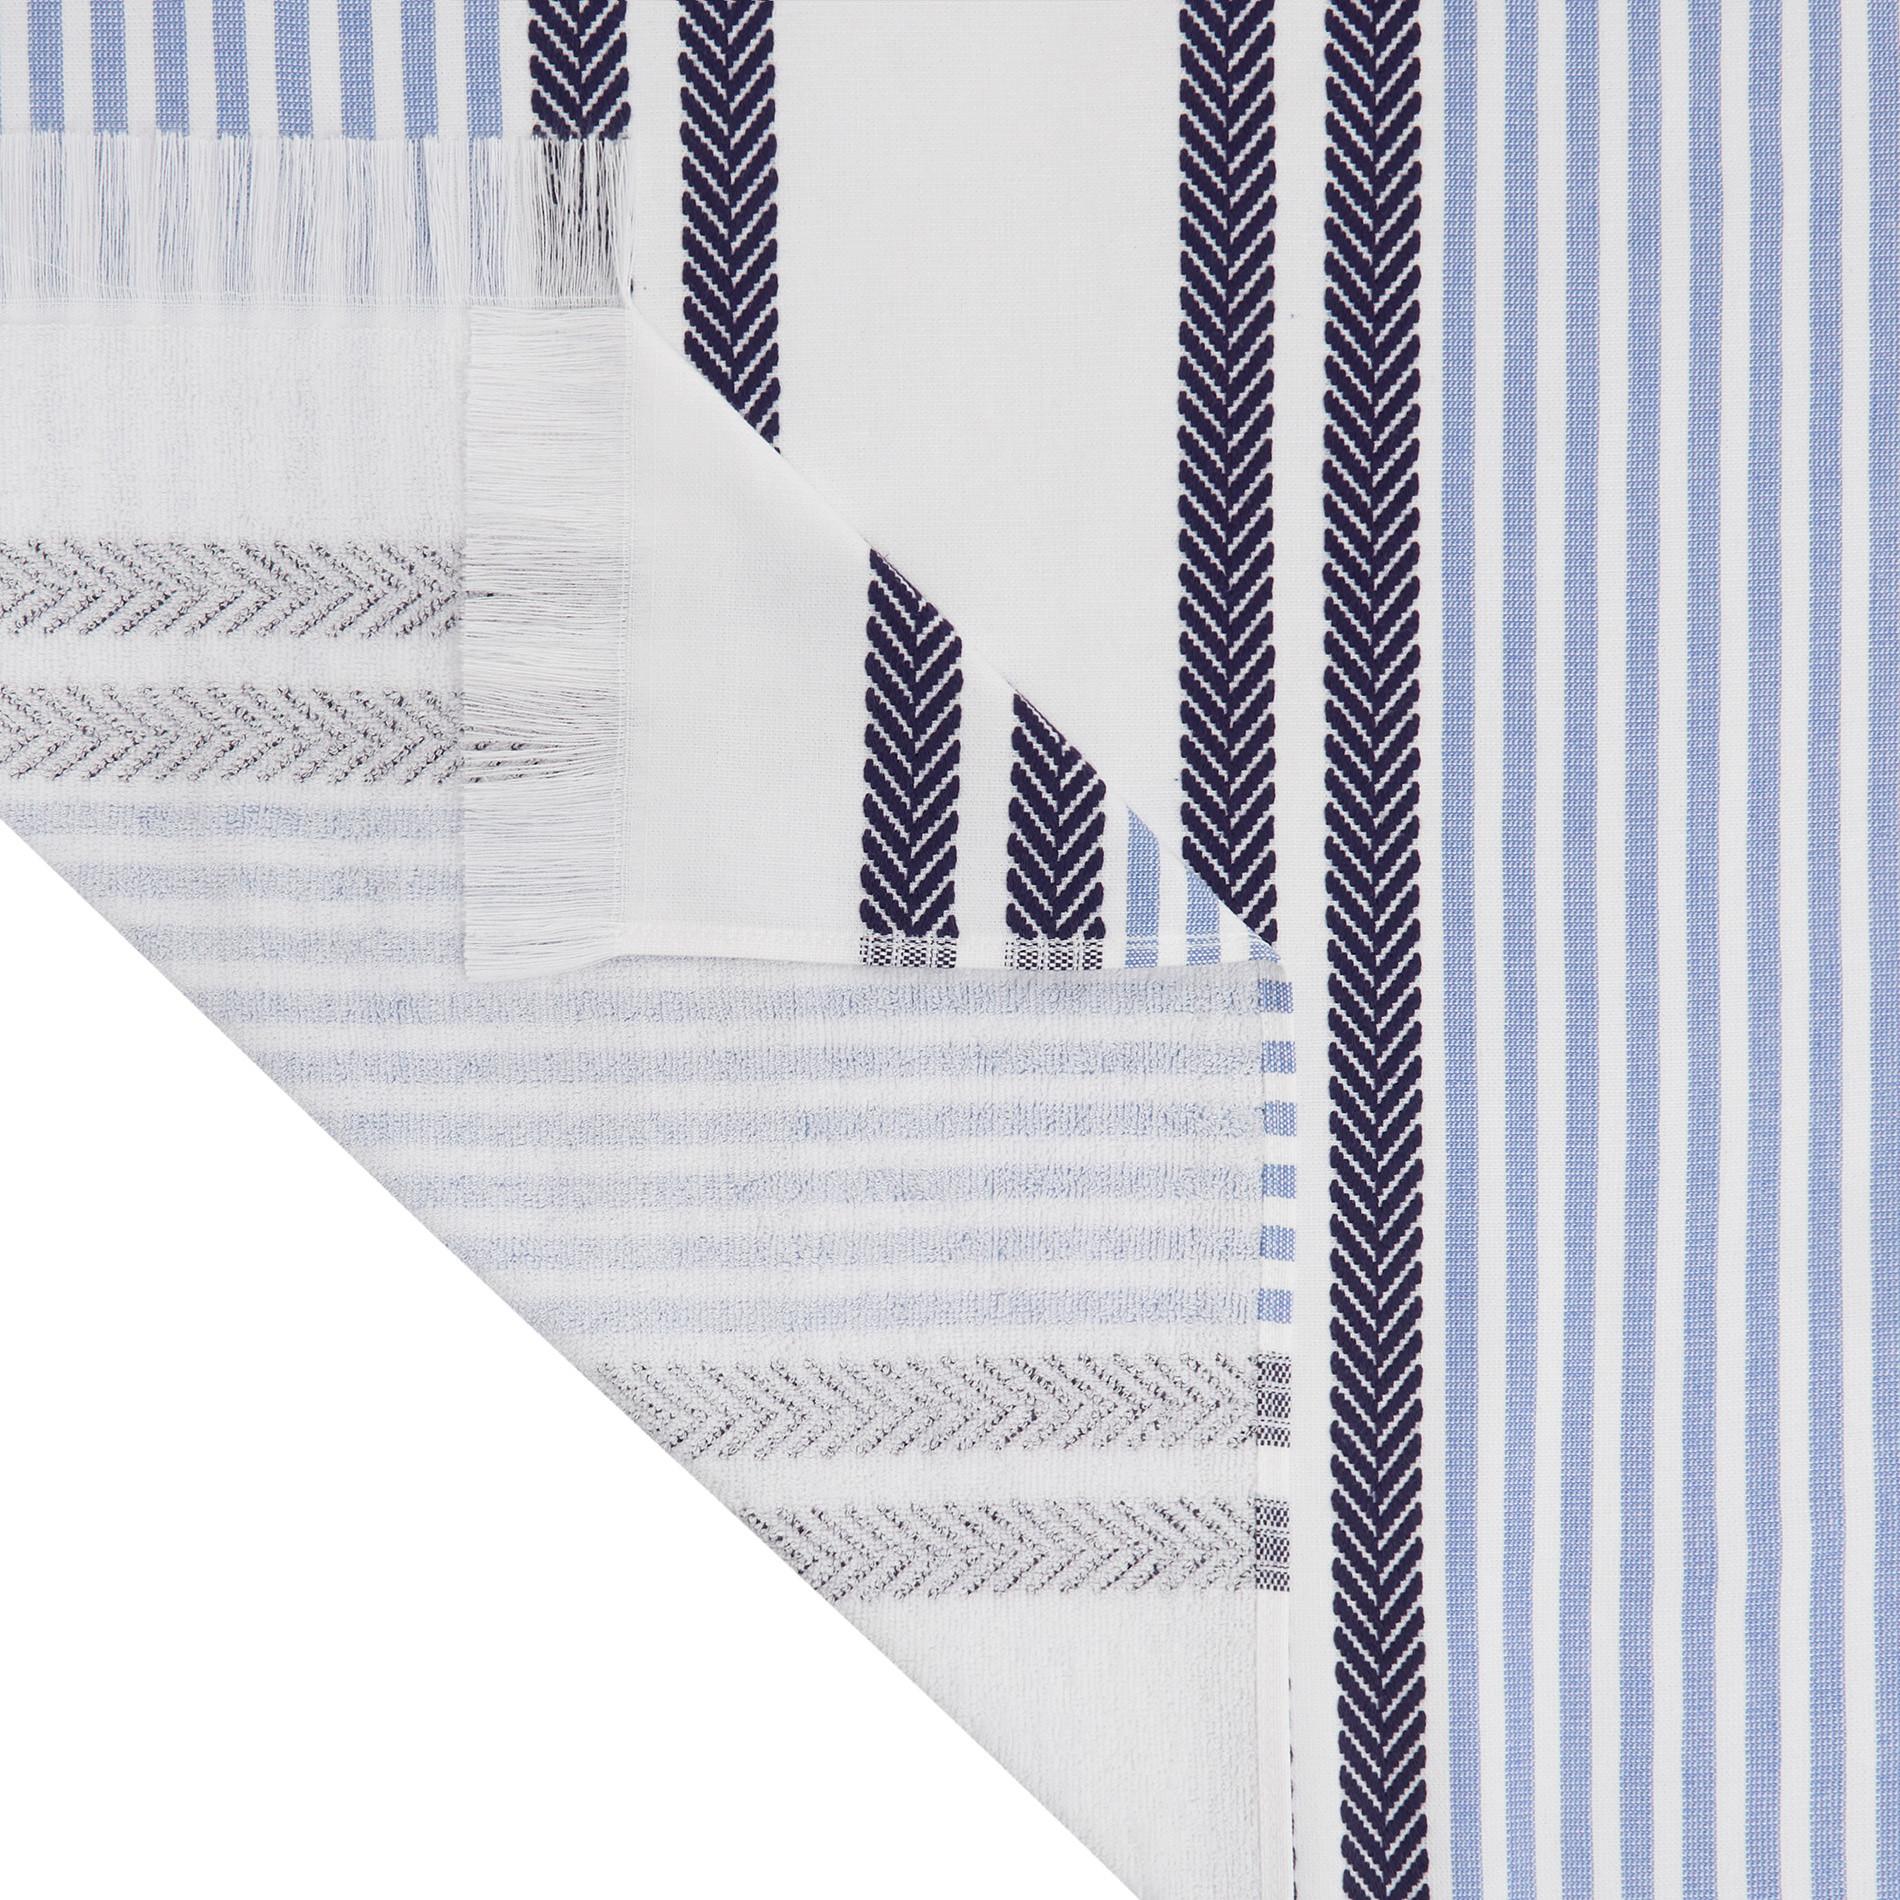 Telo mare hammam cotone jacquard tinto filo a righe, Azzurro, large image number 1